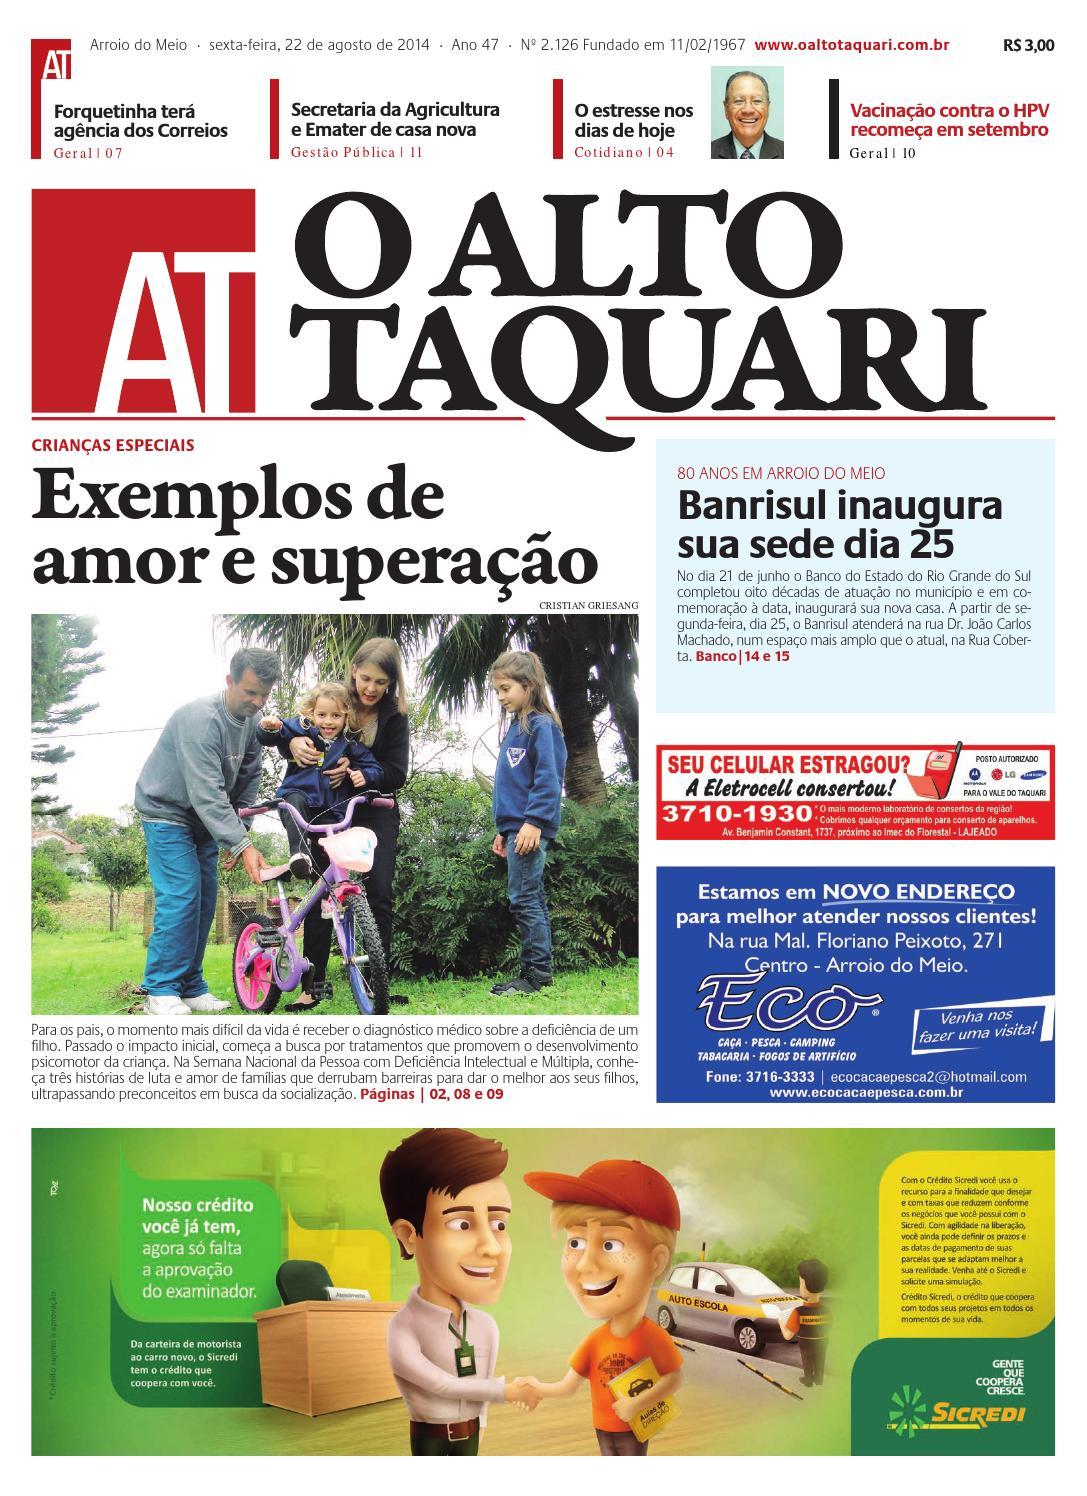 ecd9d01f3ba Jornal O Alto Taquari - 22 de agosto de 2014 by Jornal O Alto Taquari -  issuu